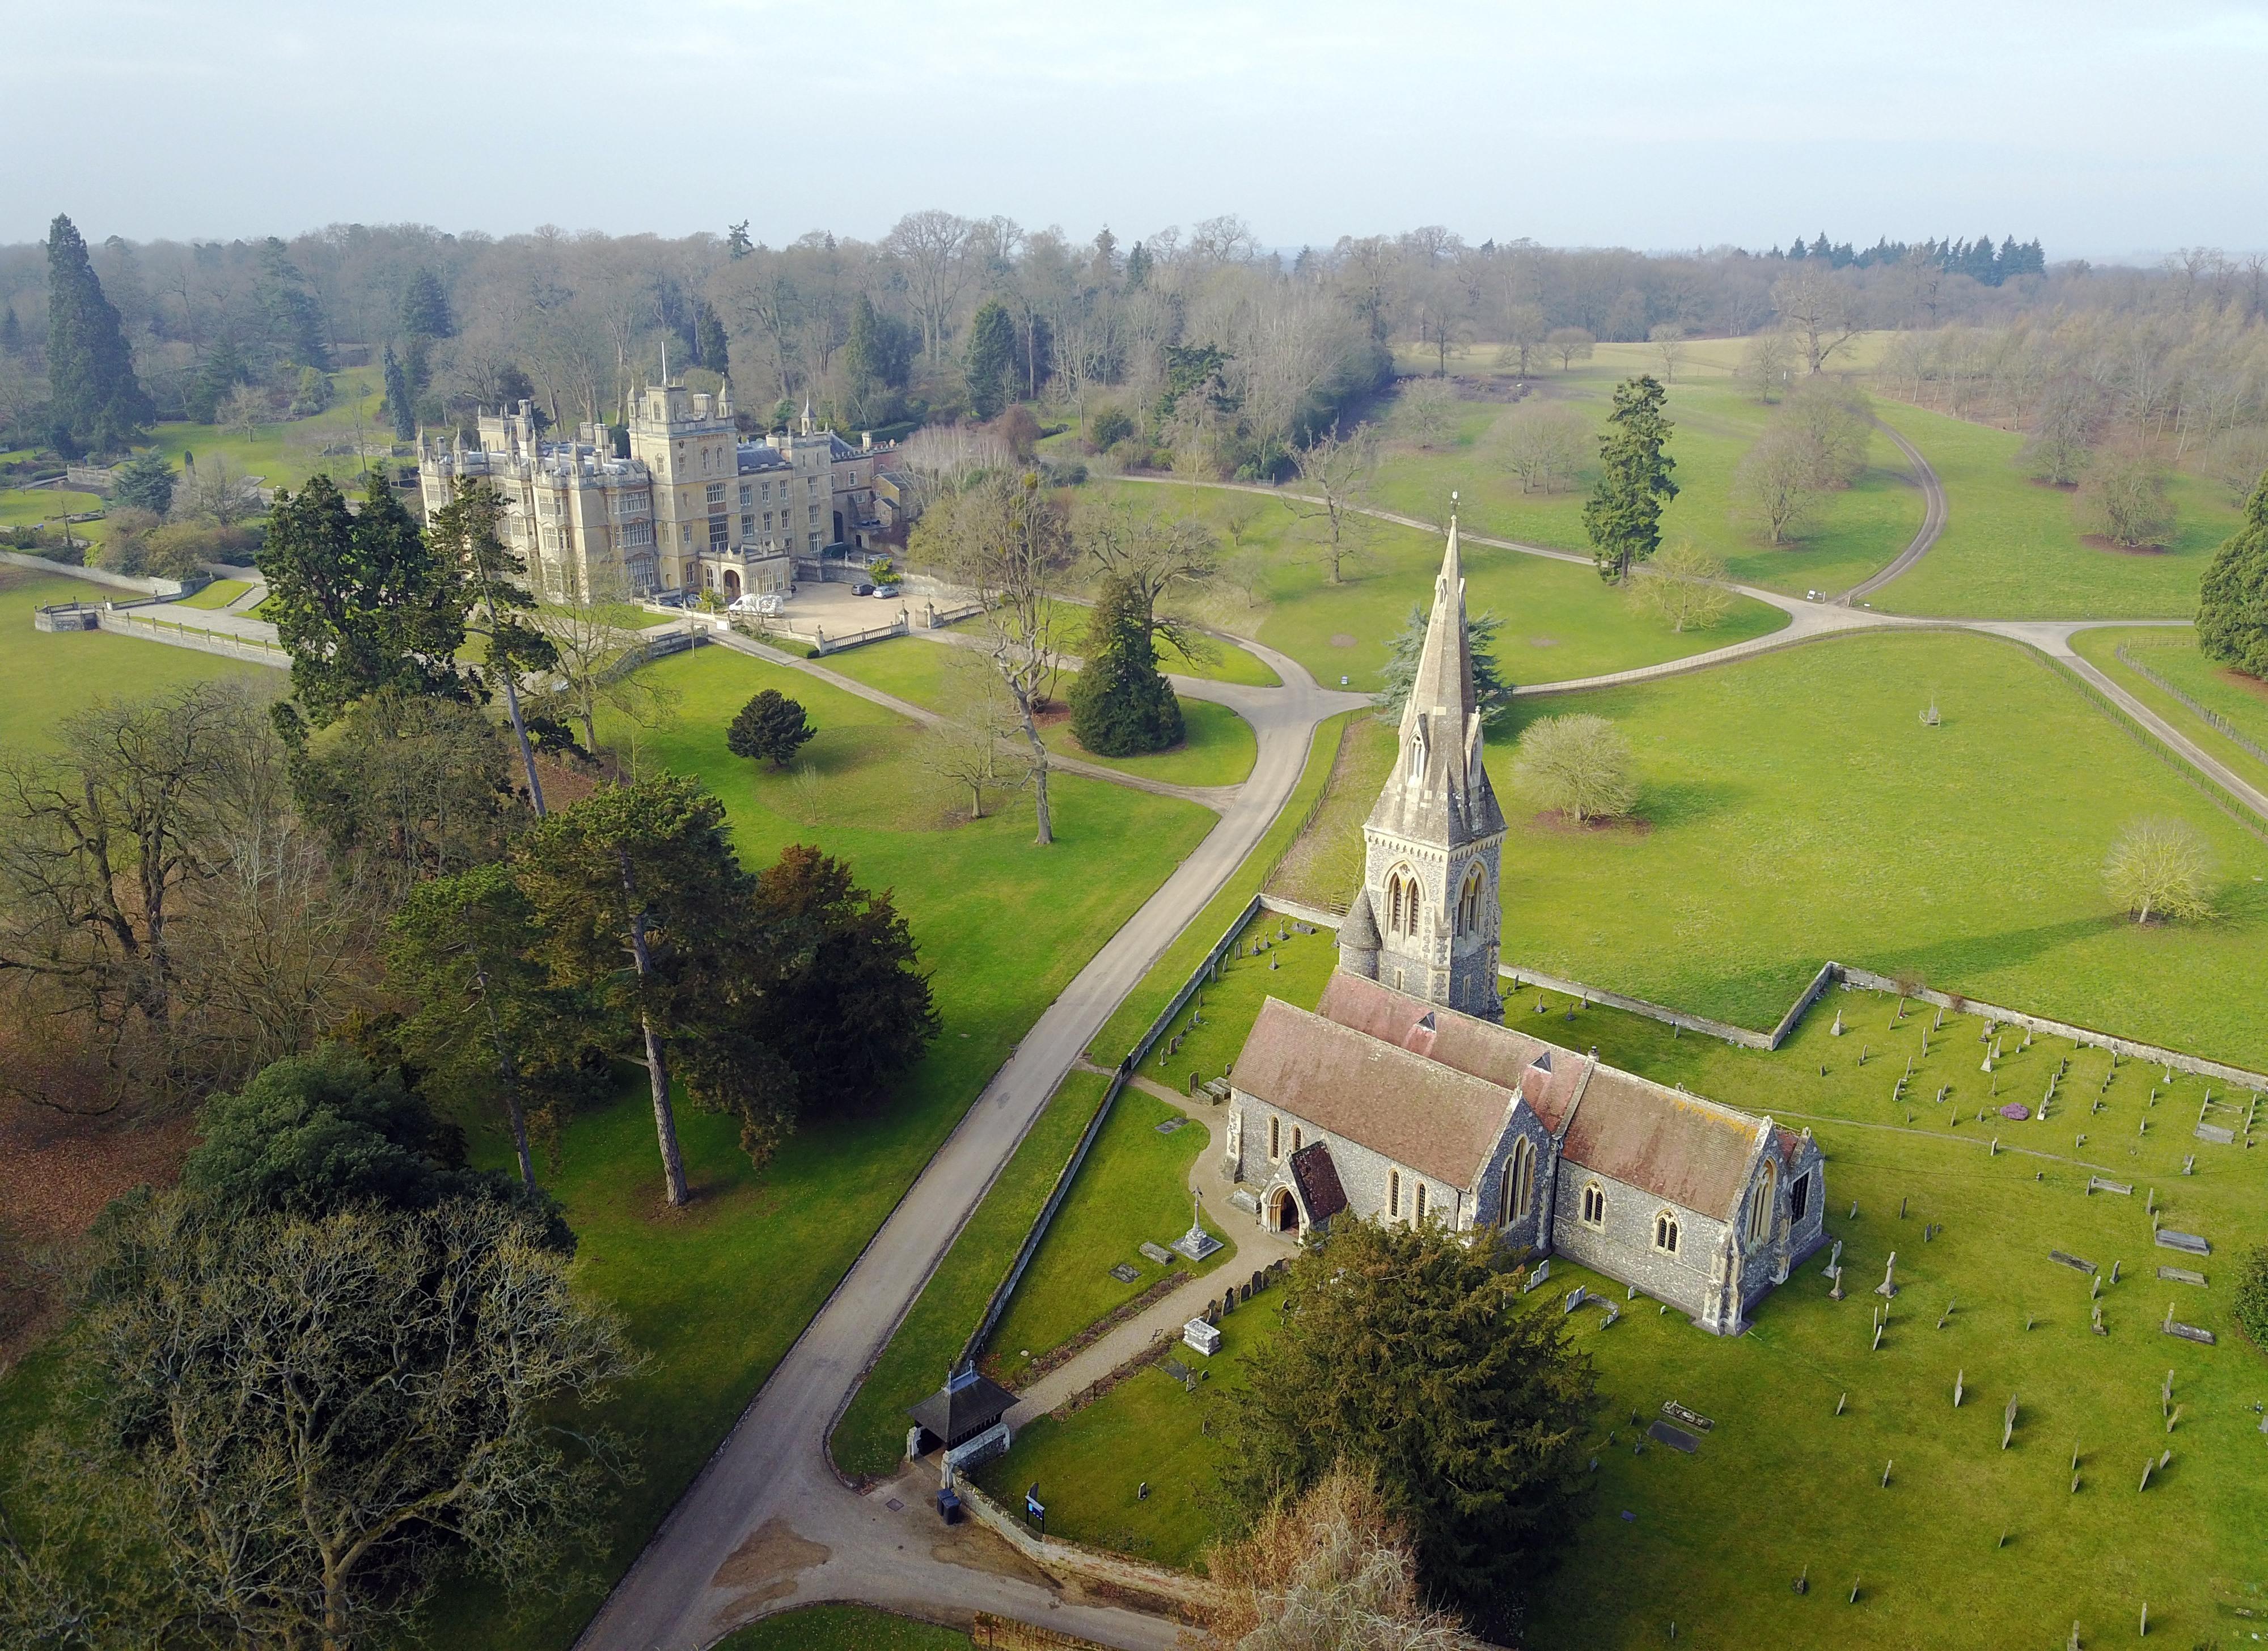 L'église dans laquelle aura lieu le mariage de Pippa Middleton